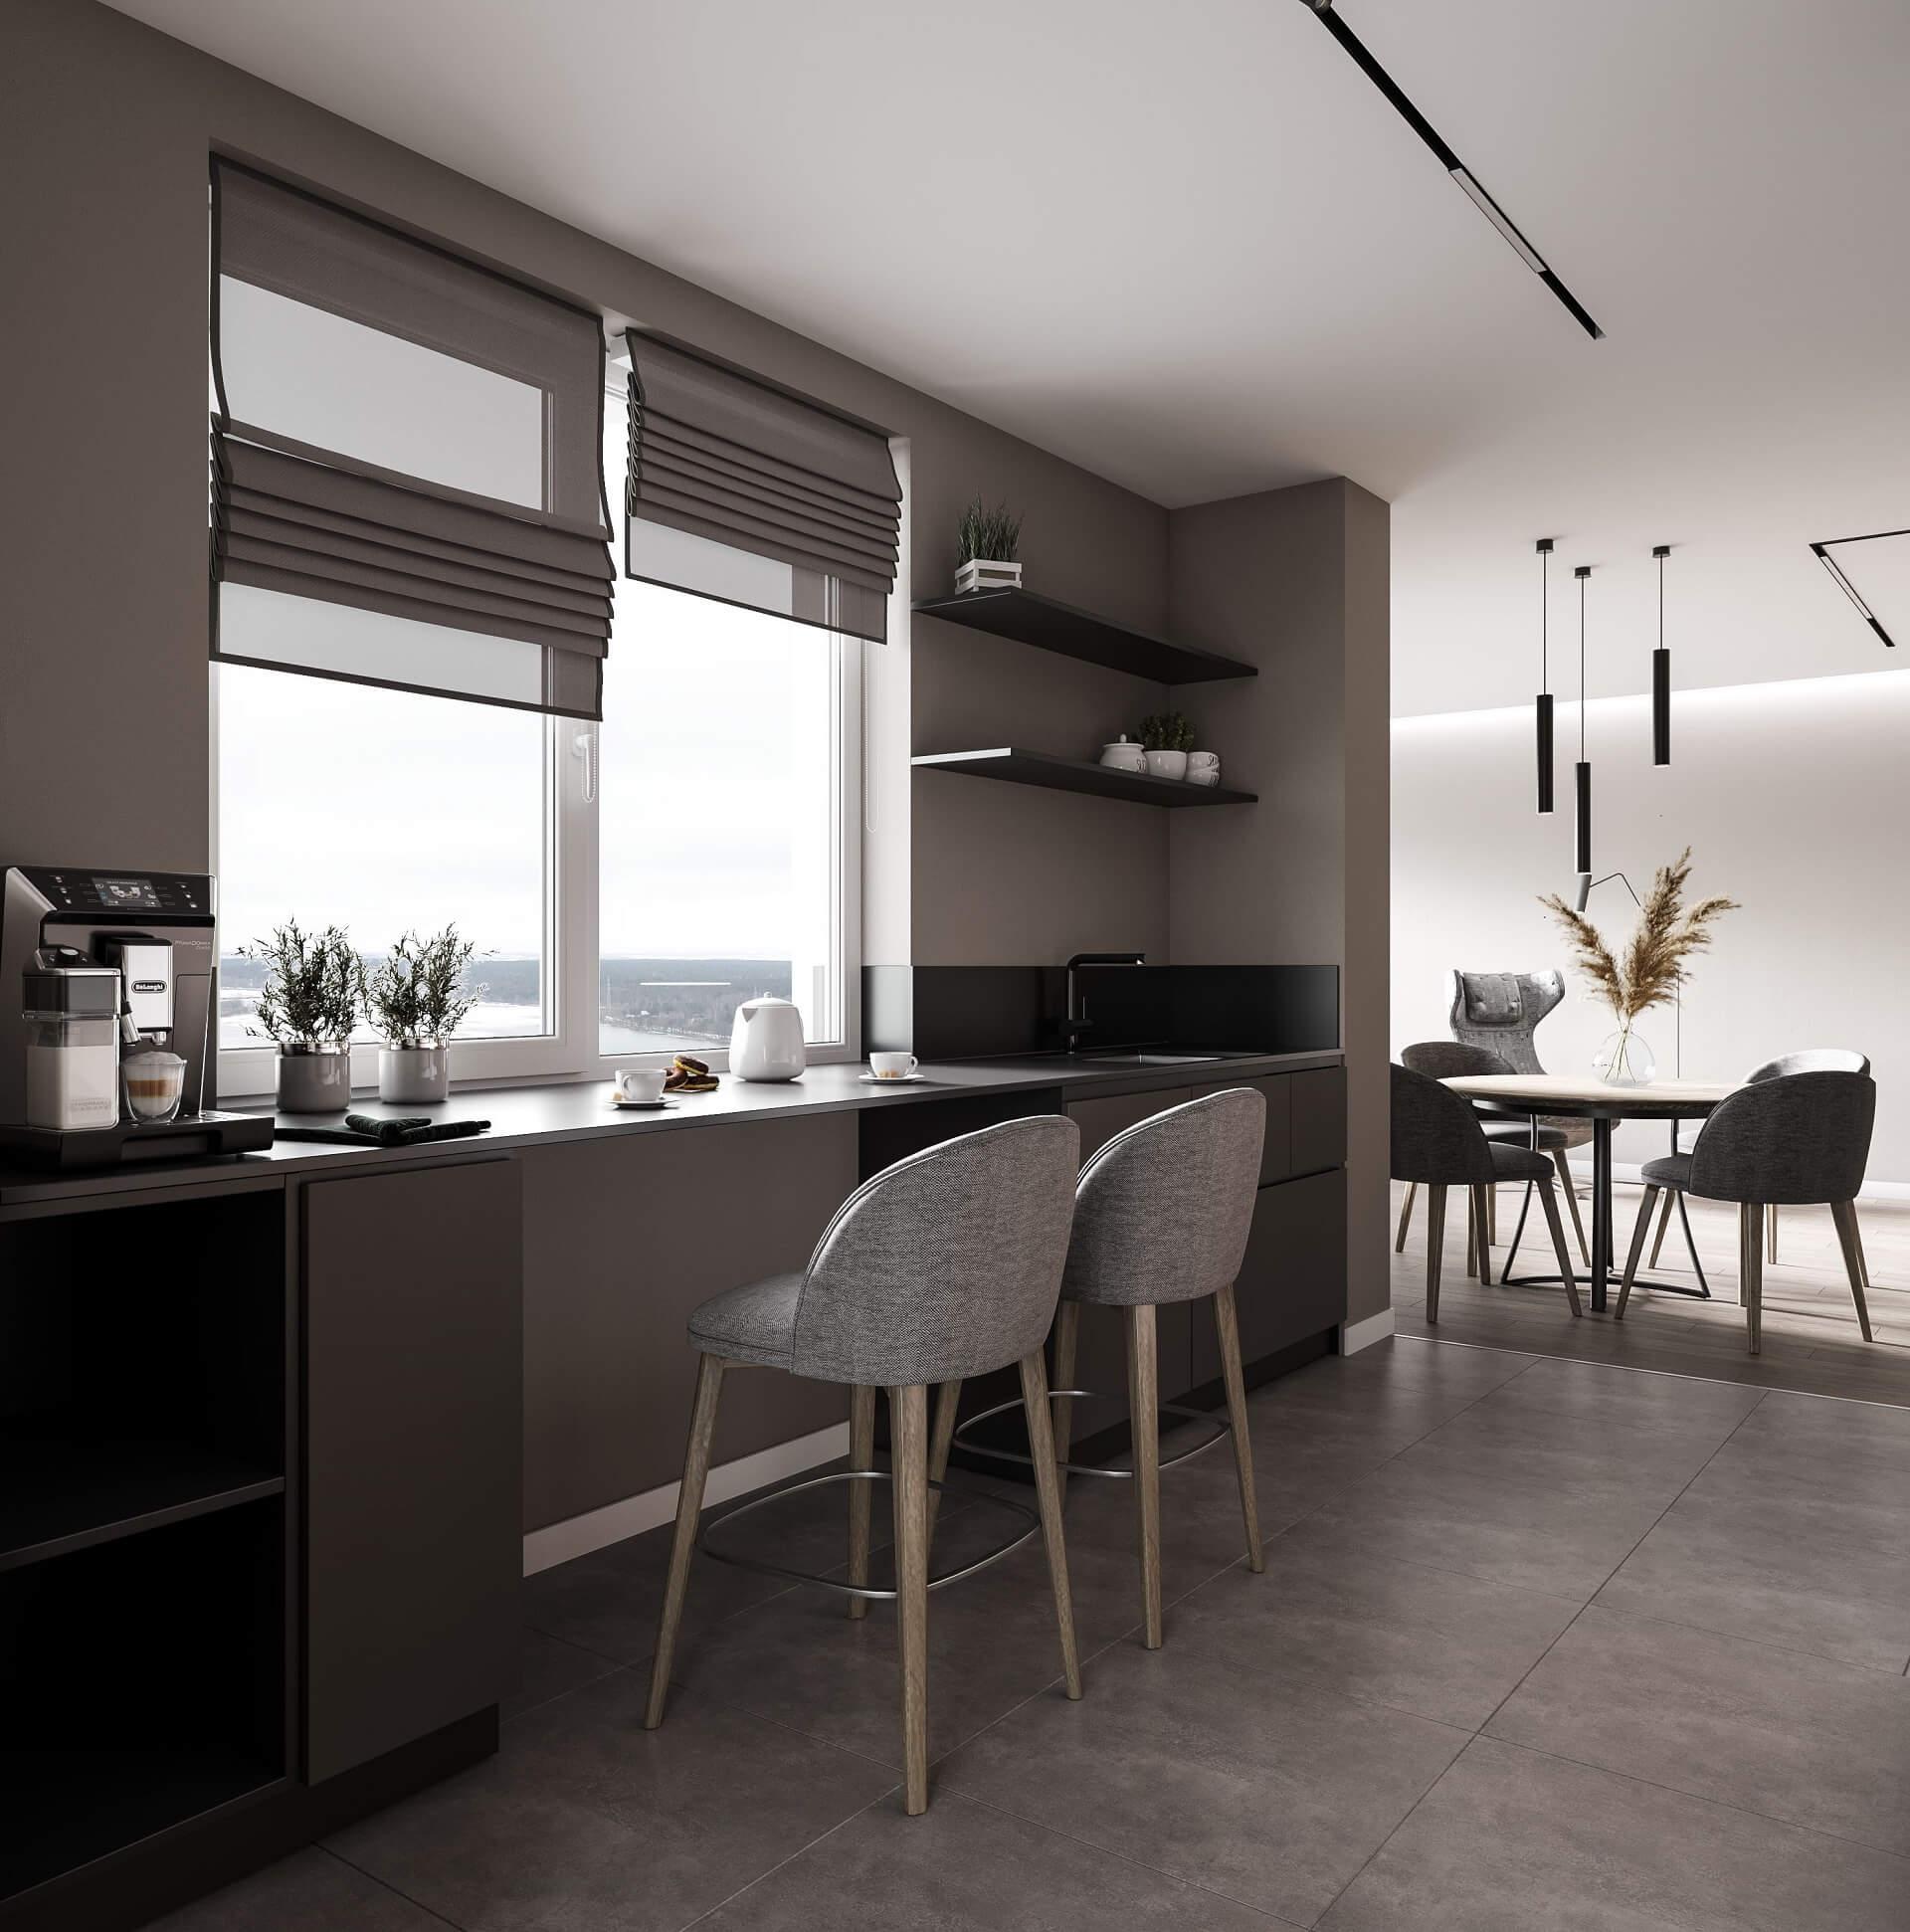 Дизайн кухни-гостиной. Интерьер кухни. Столовая группа.